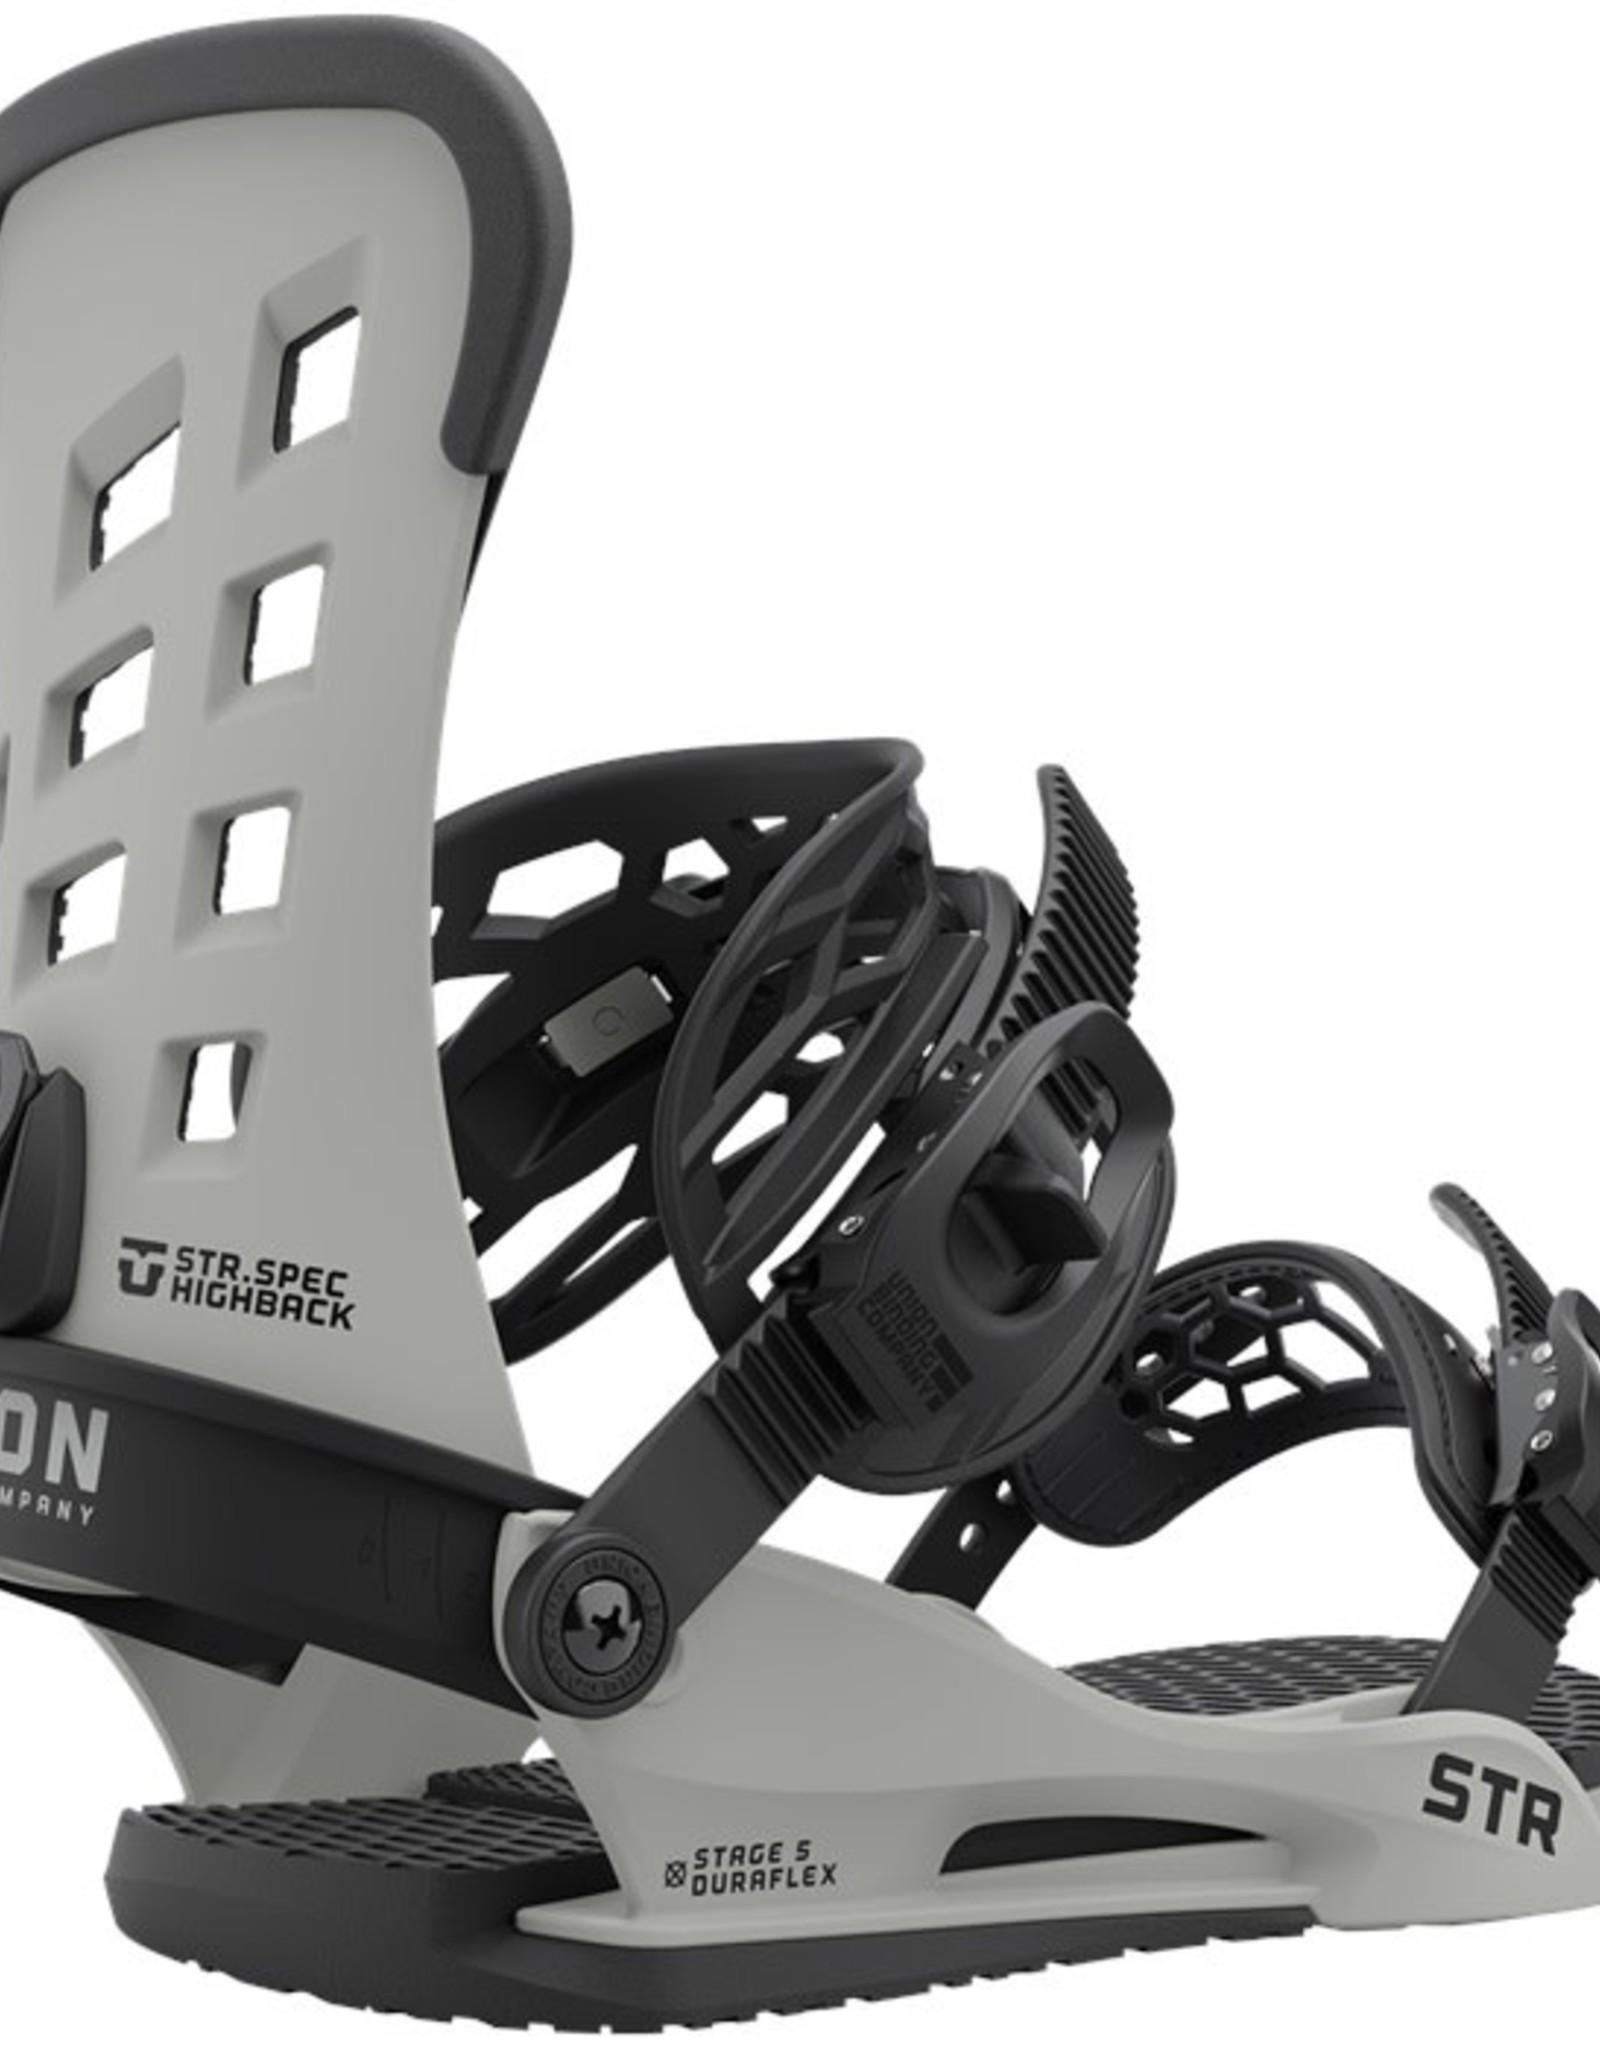 Union Union - STR (2022) - Stone - L